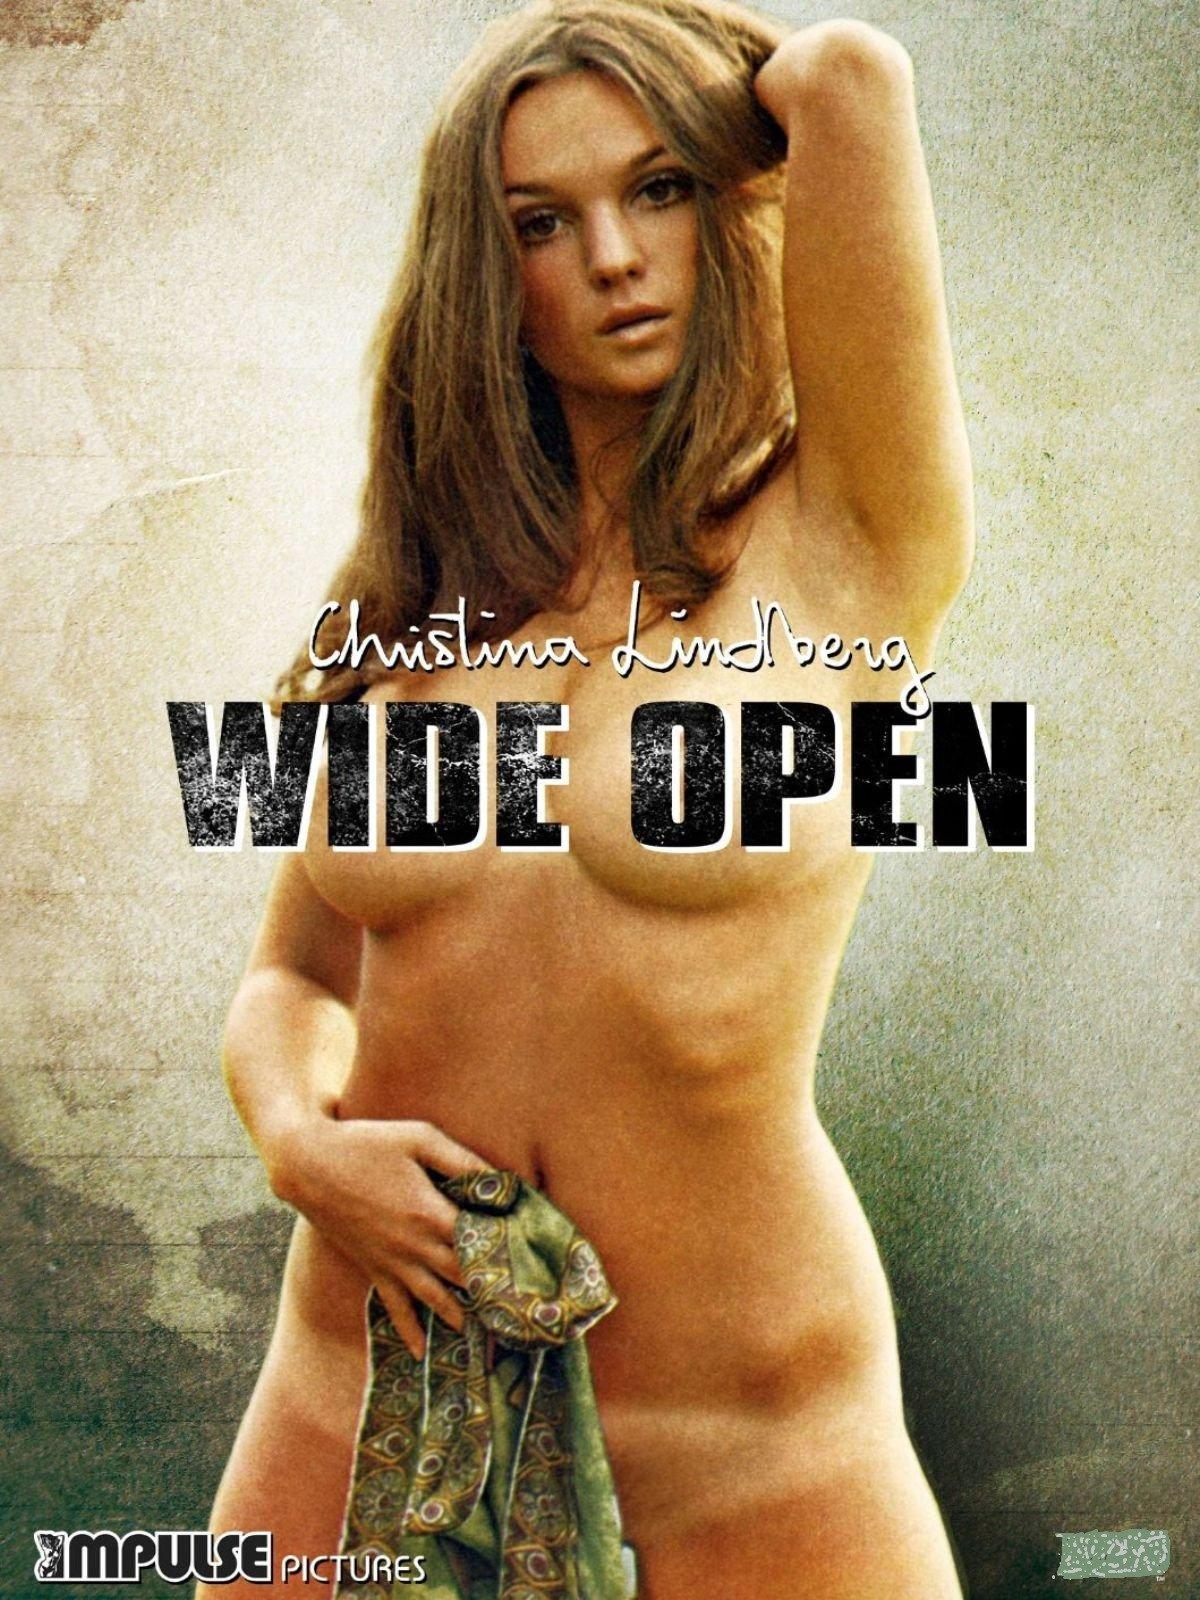 Christina Lindberg: Adult Movie Files 1